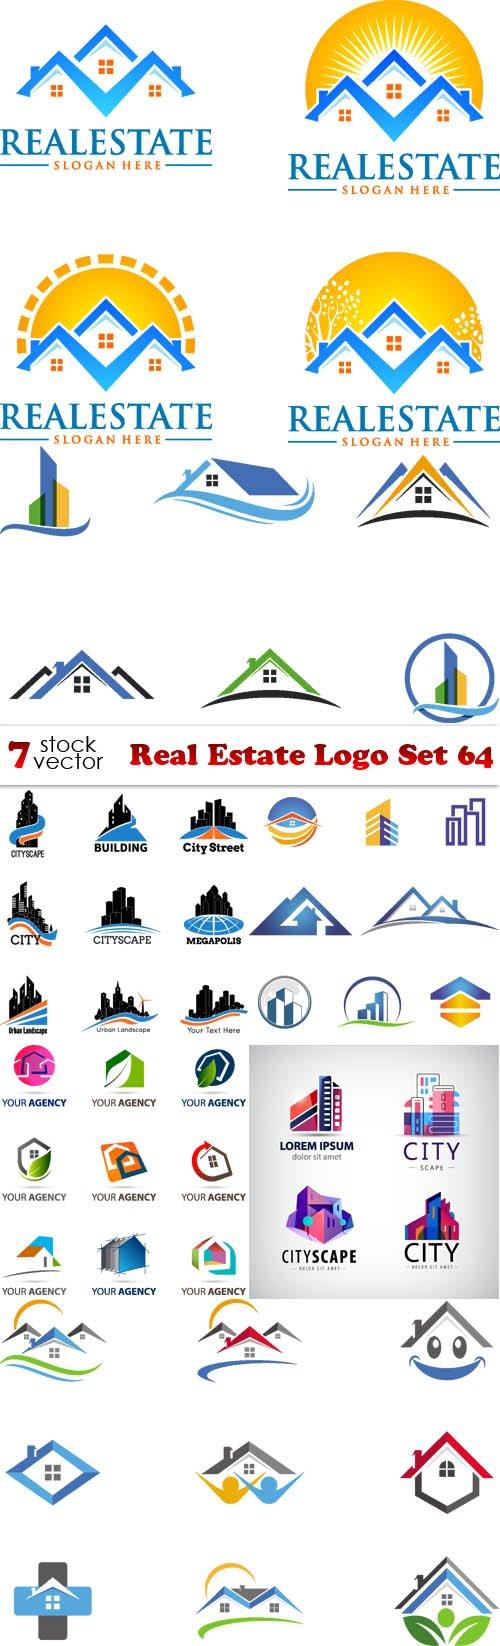 Vectors - Real Estate Logo Set 64